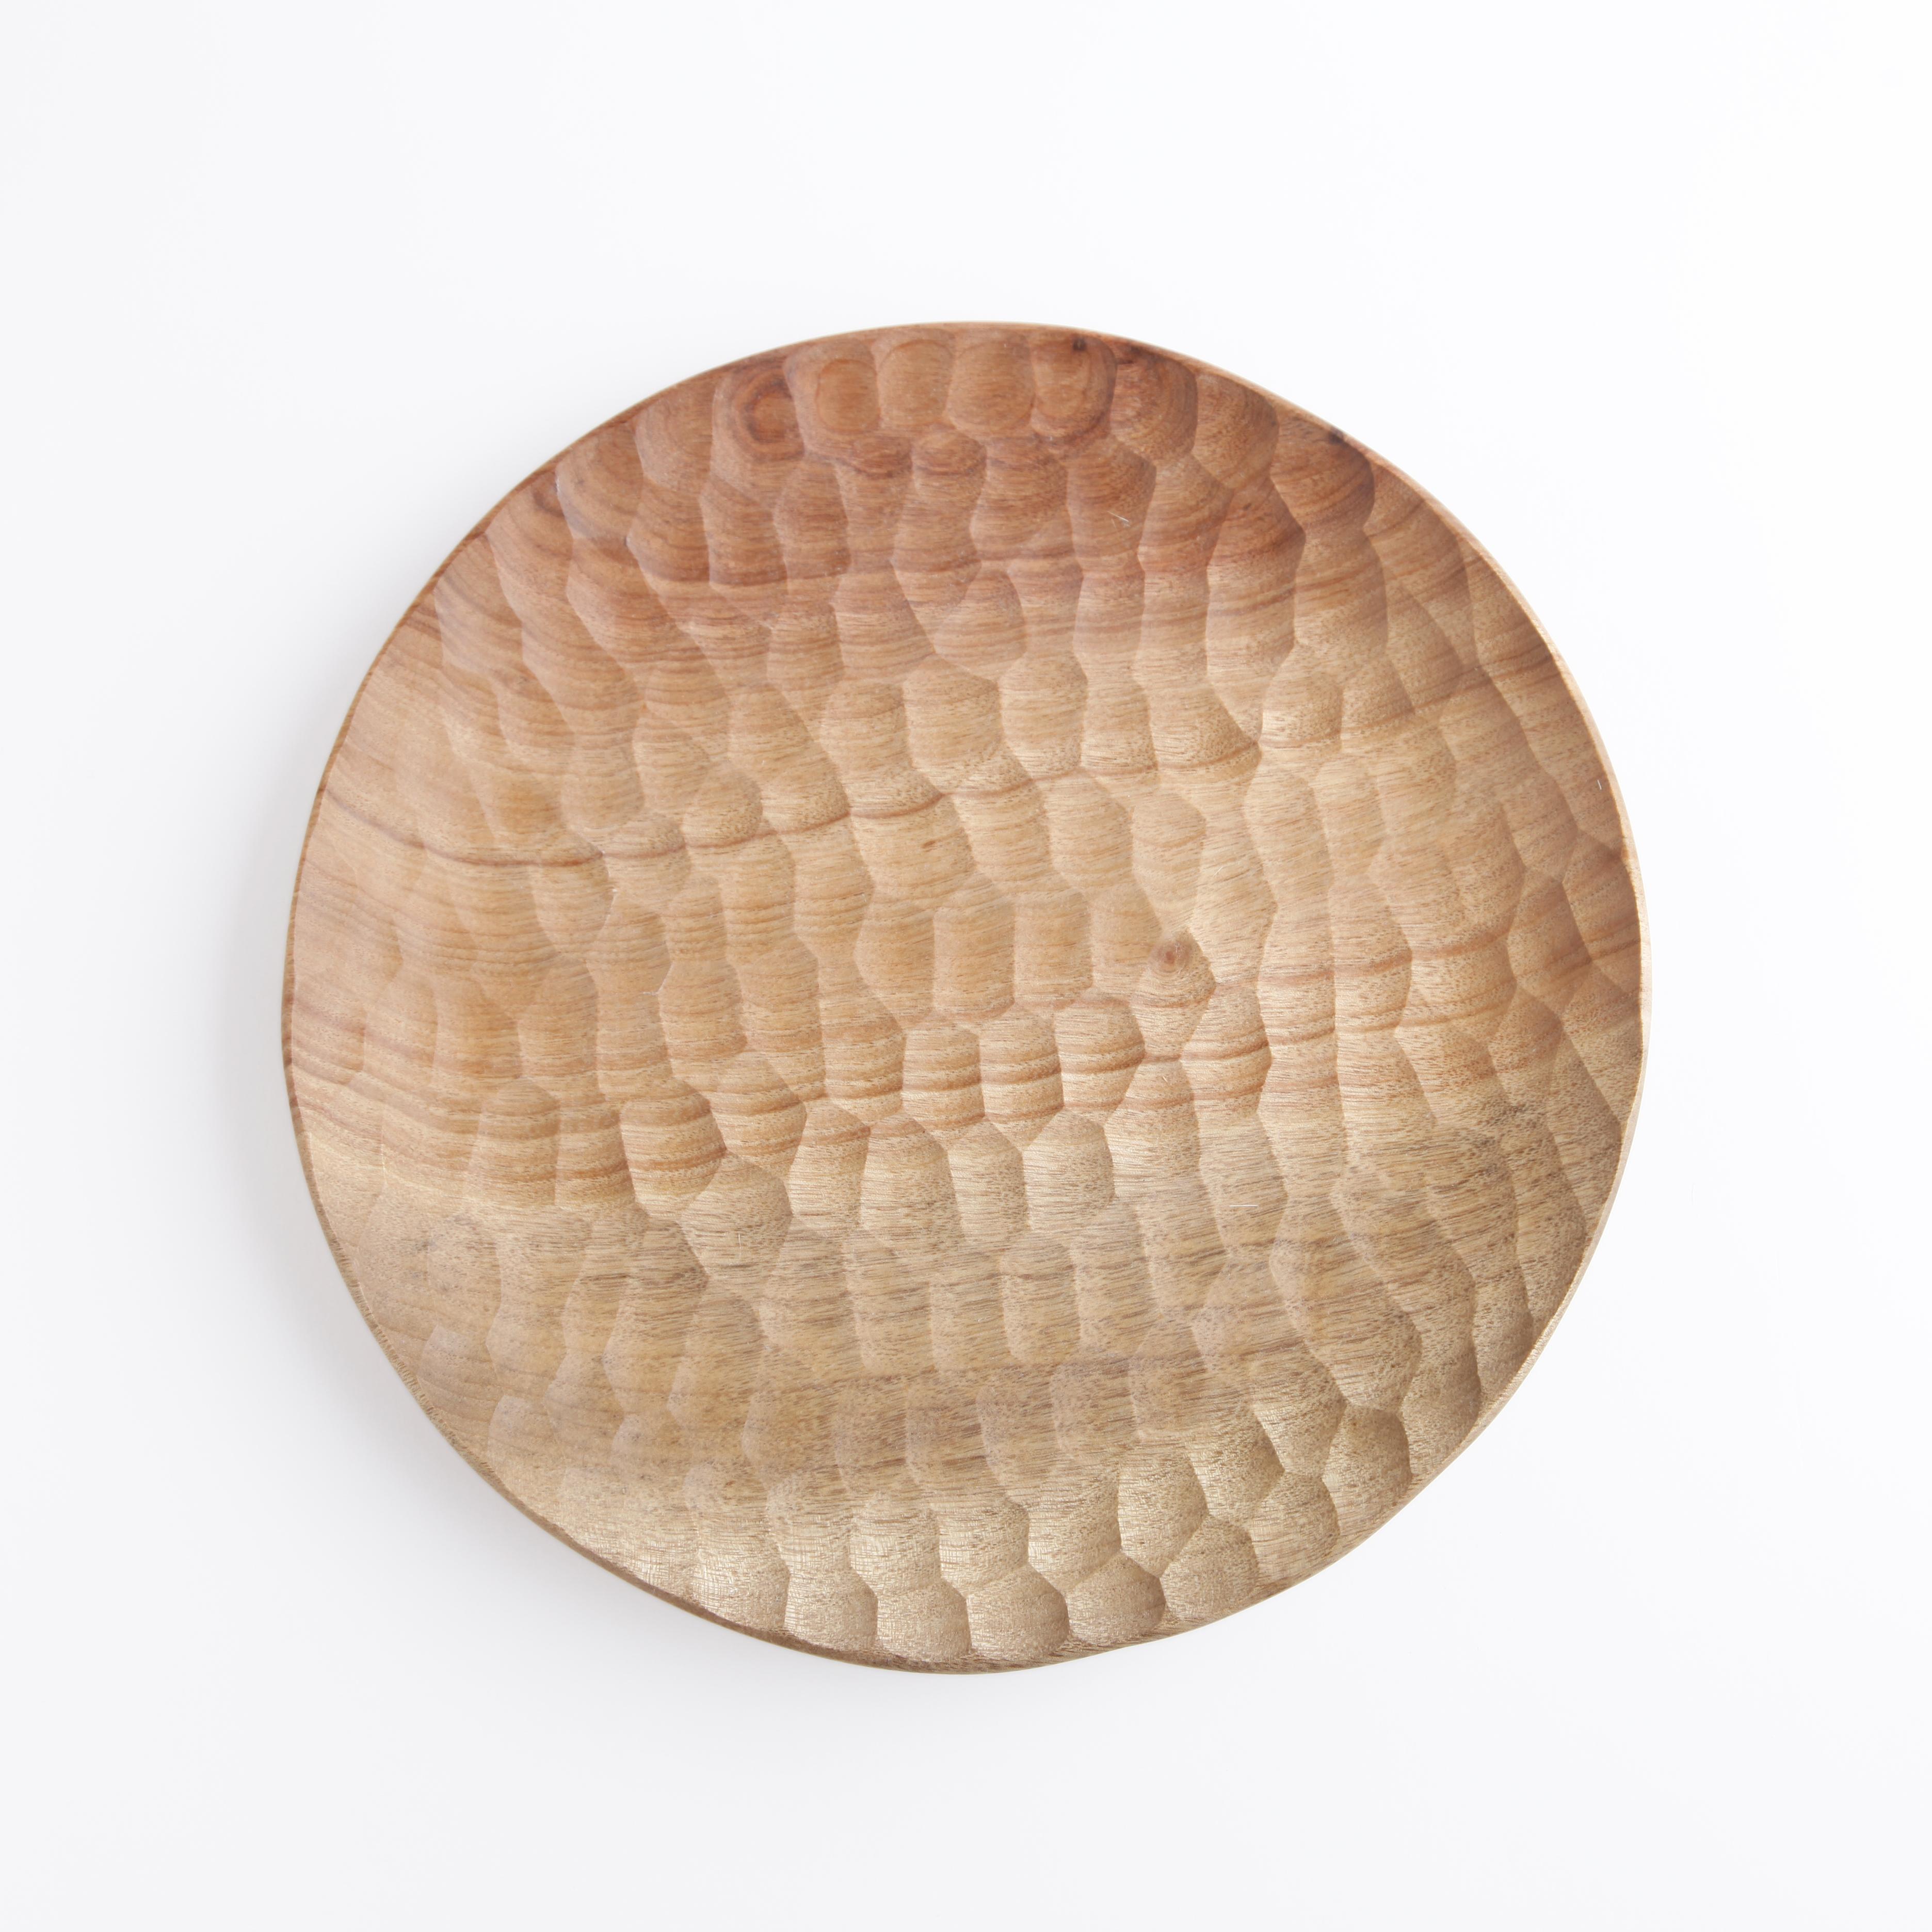 Jin Akihiro/Wooden Plate 27cm